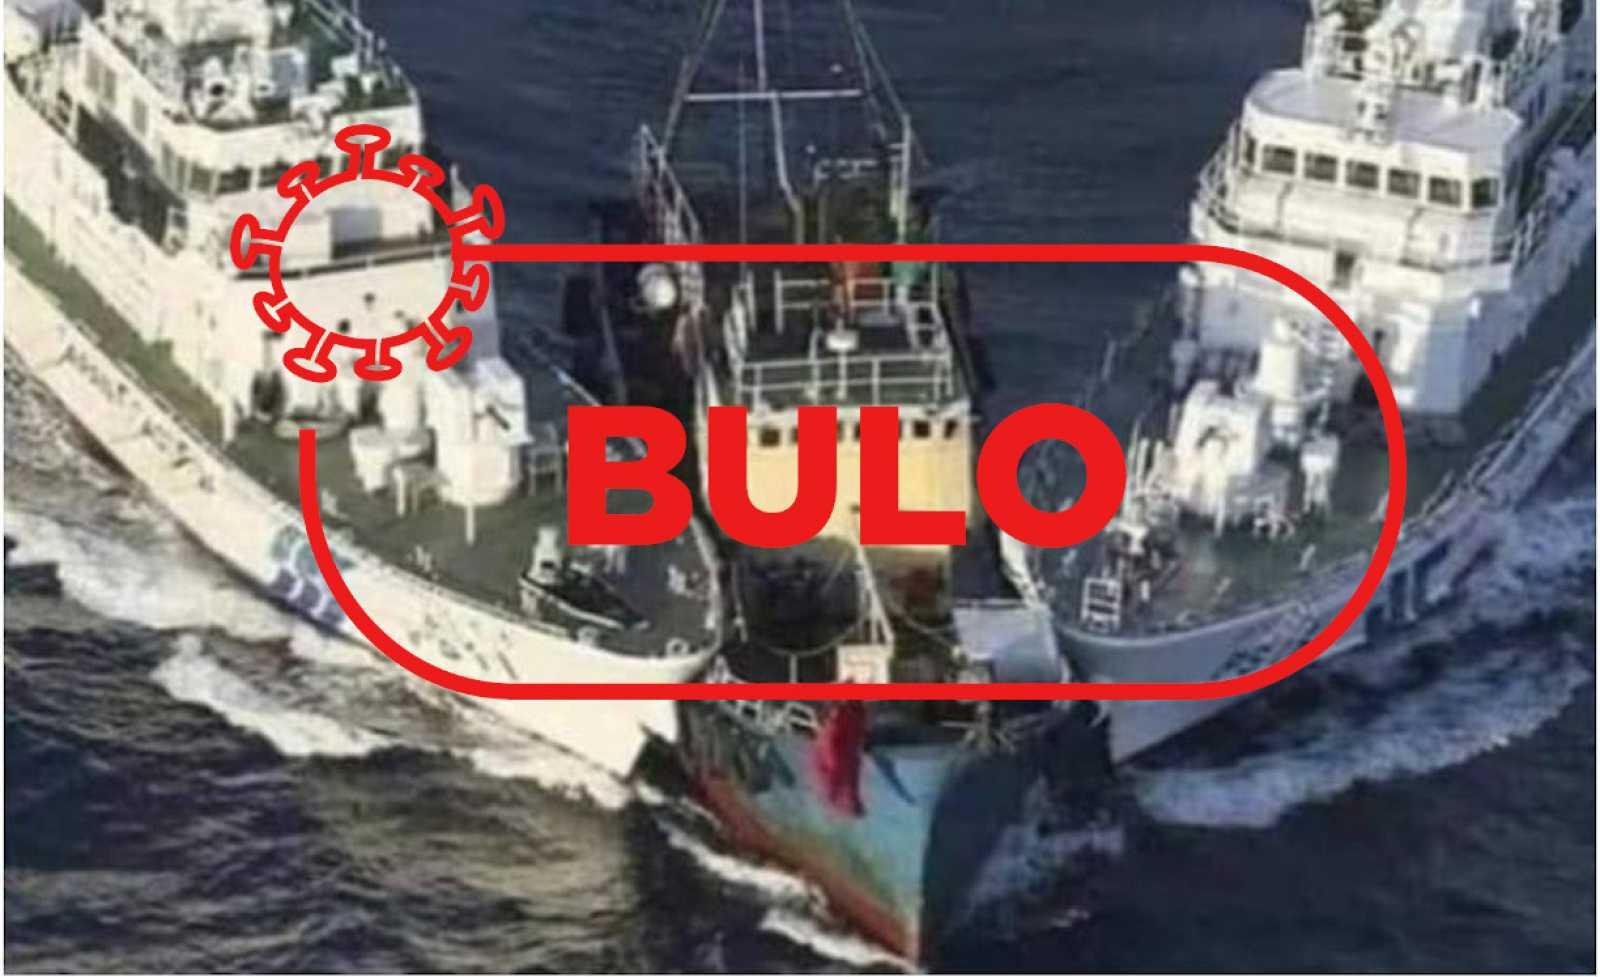 Imagen de dos barcos interceptando, en forma de cuña, a una tercera embarcación con la palabra bulo de Verifica RTVE.